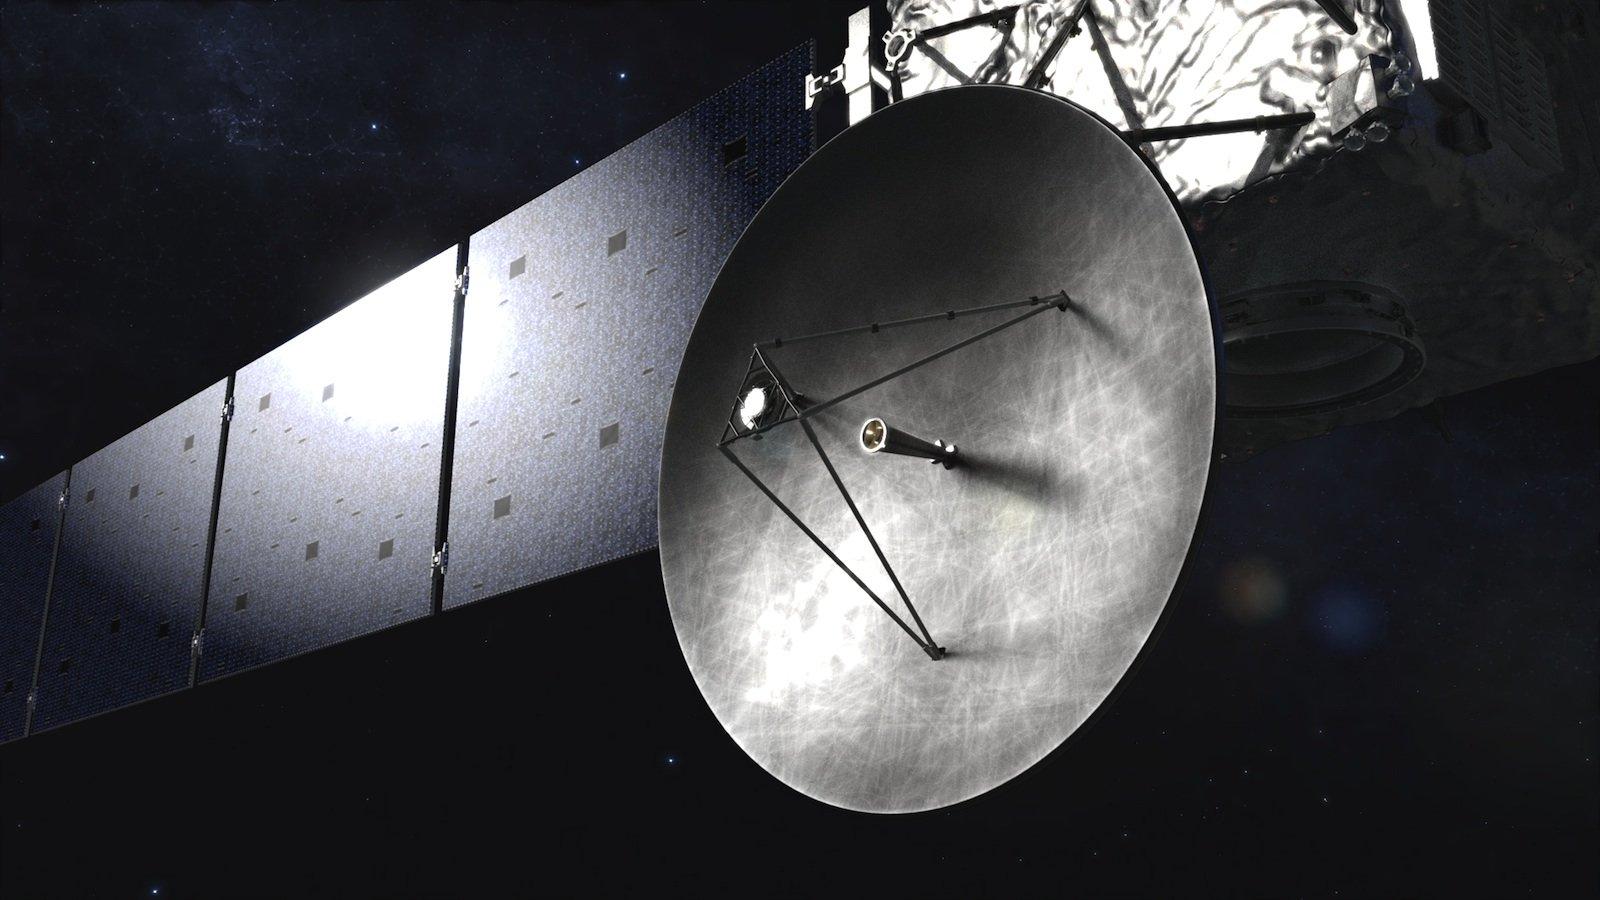 Die Übermittlung der Signale von der Raumsonde Rosetta zur Bodenstation dauert etwa 30 Minuten.